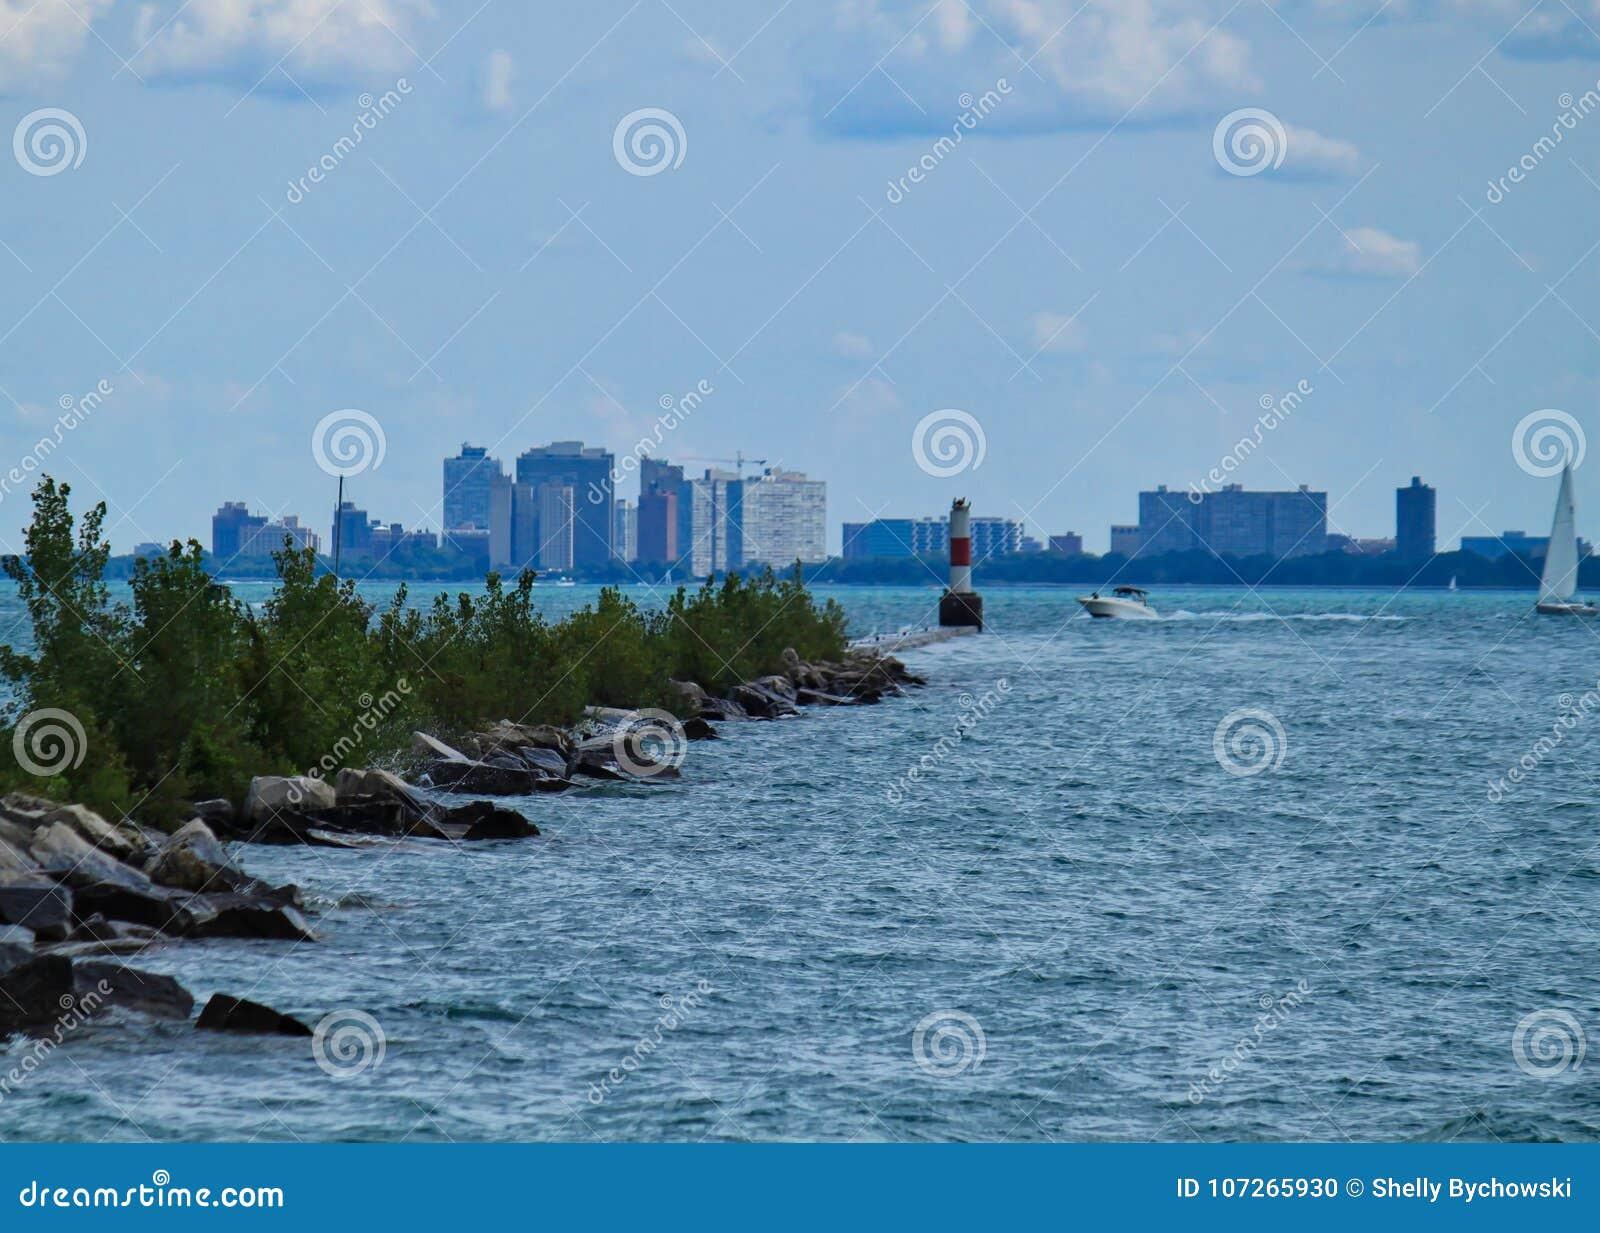 Wellen des Michiganseewassers stoßen gegen das Brechen der Wand zusammen, während Boote vorbei mit Skylinen von Chicago hinten re